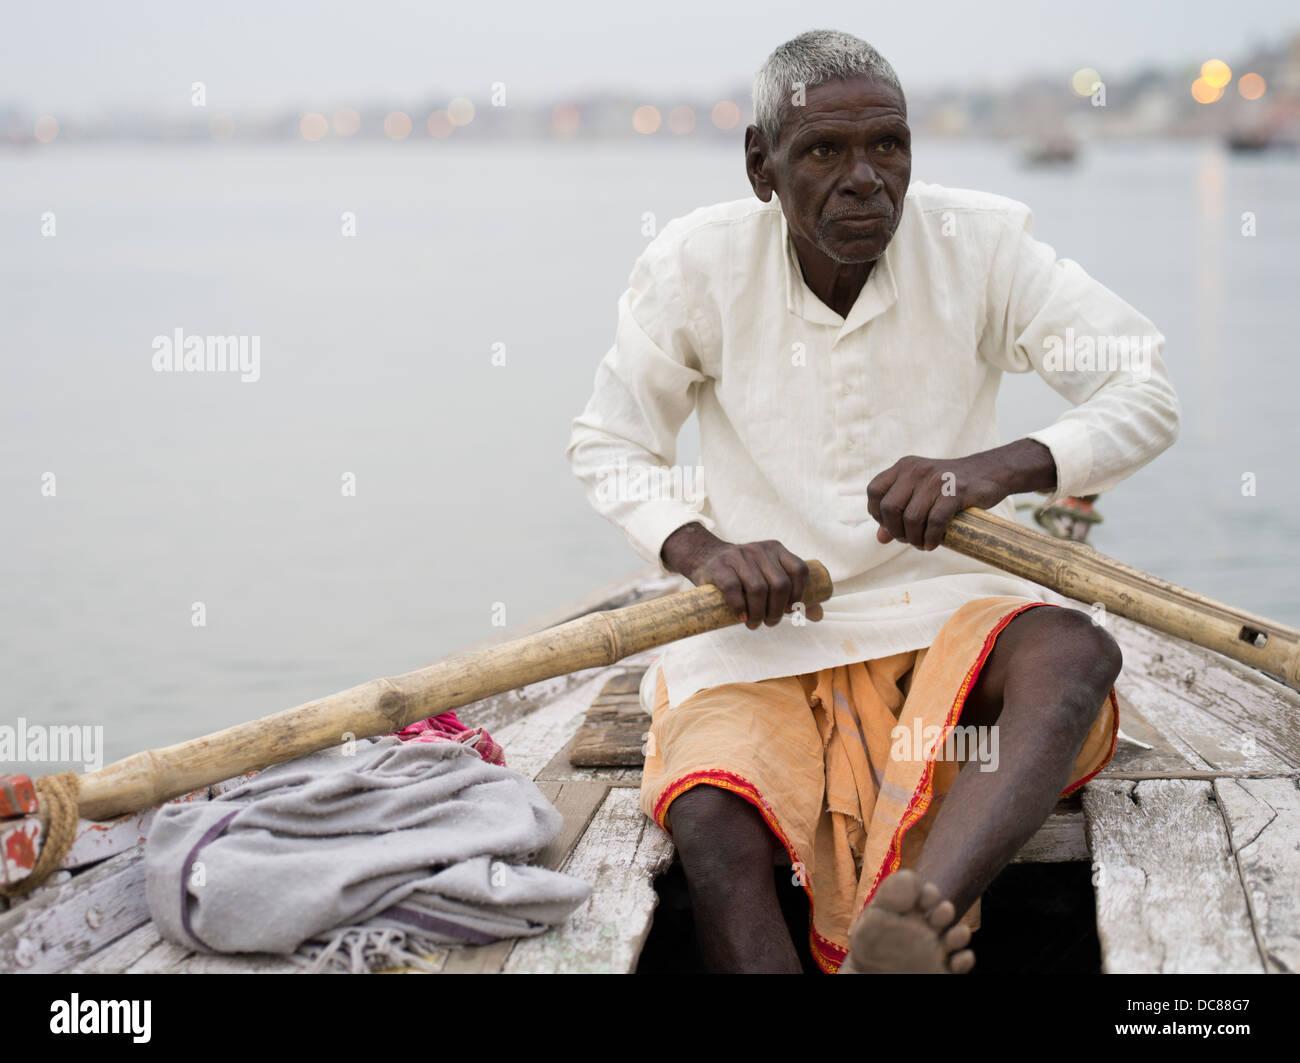 Boatman canottaggio sul fiume Gange - Varanasi, India Immagini Stock